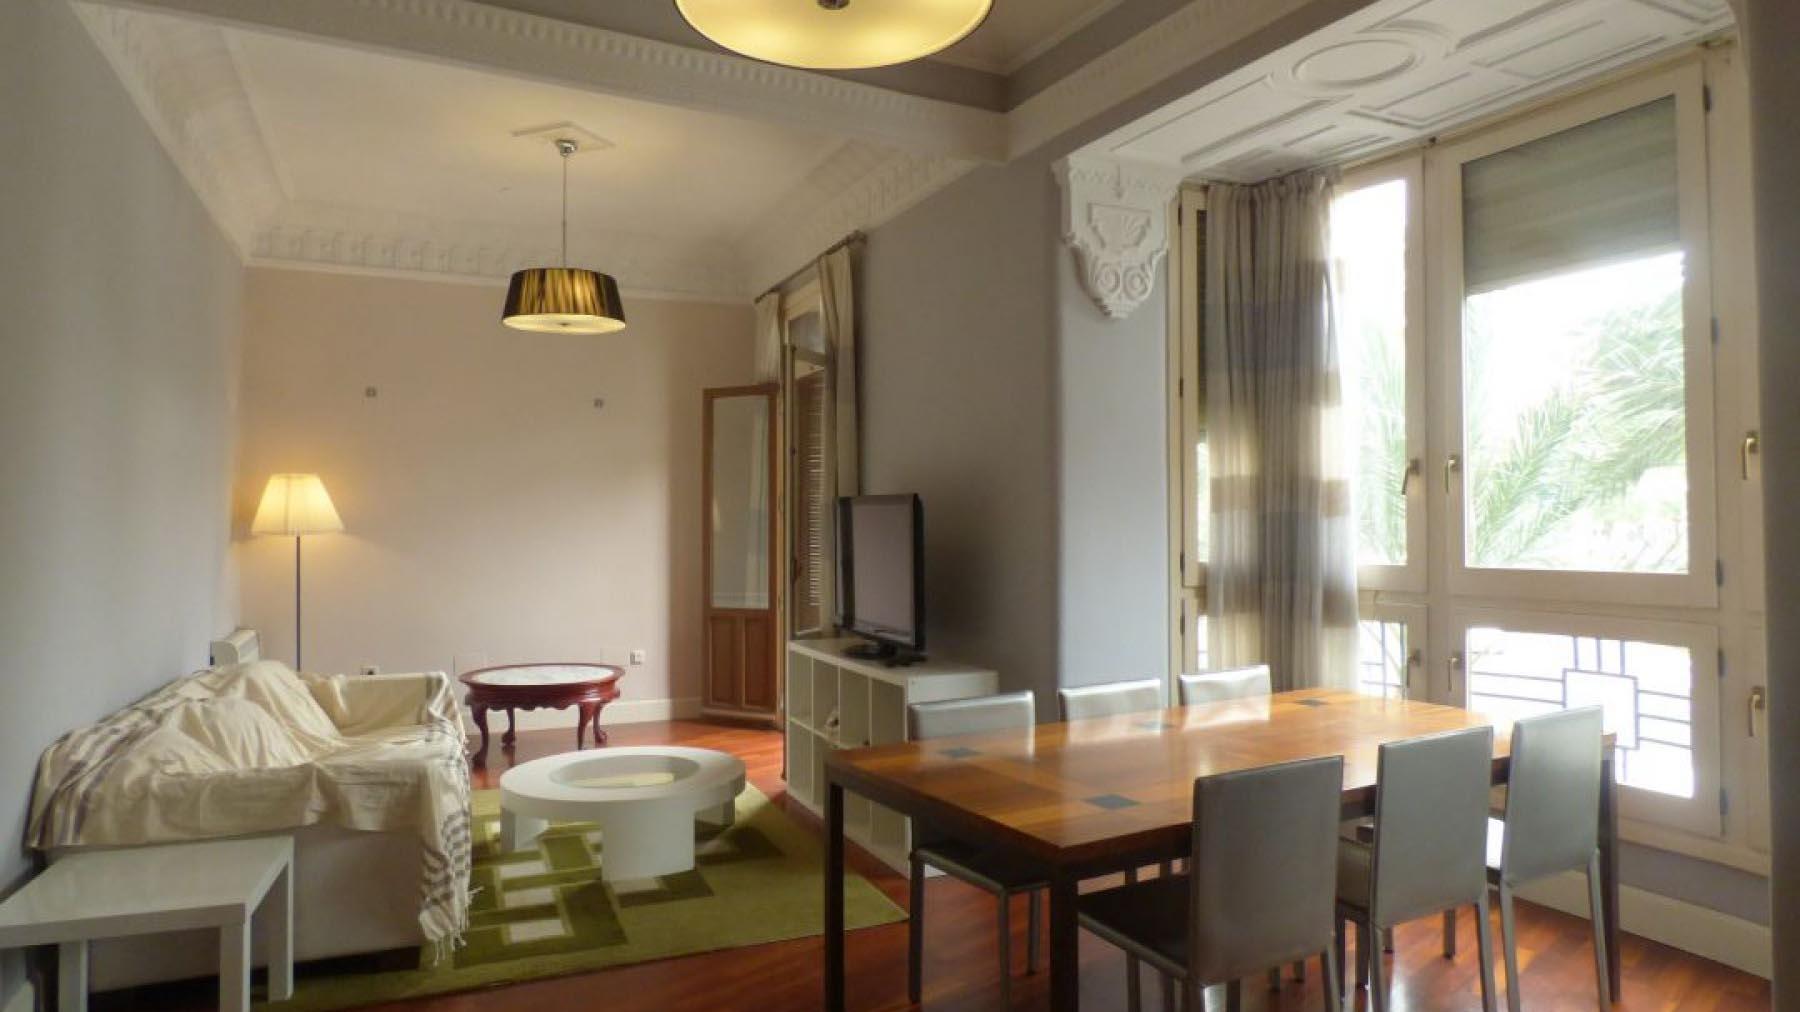 Аренда квартира в Испании в центре города Аликанте 3 спальни